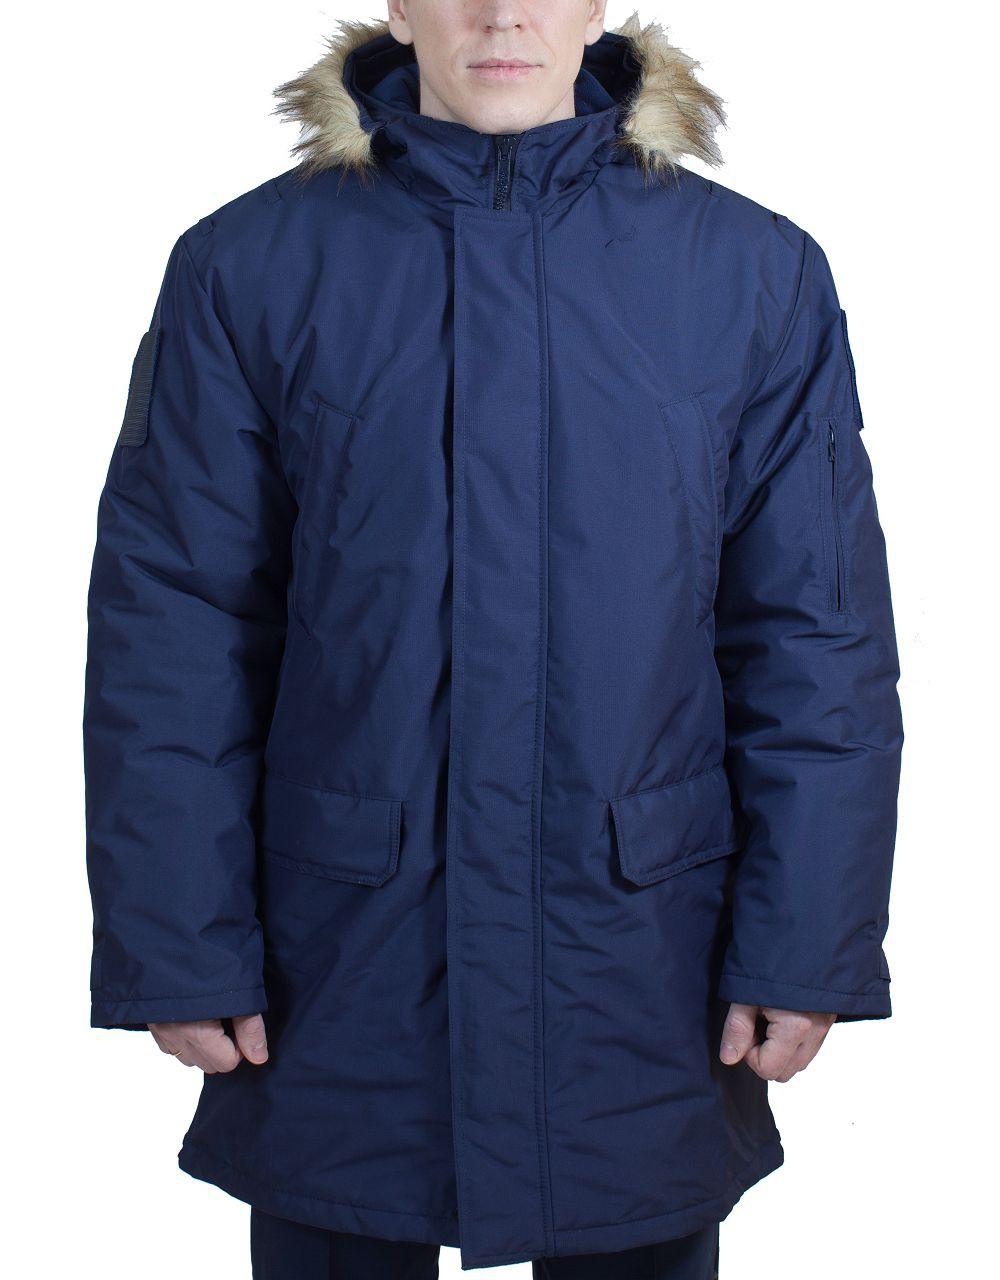 Куртка Аляска офисная ВКС